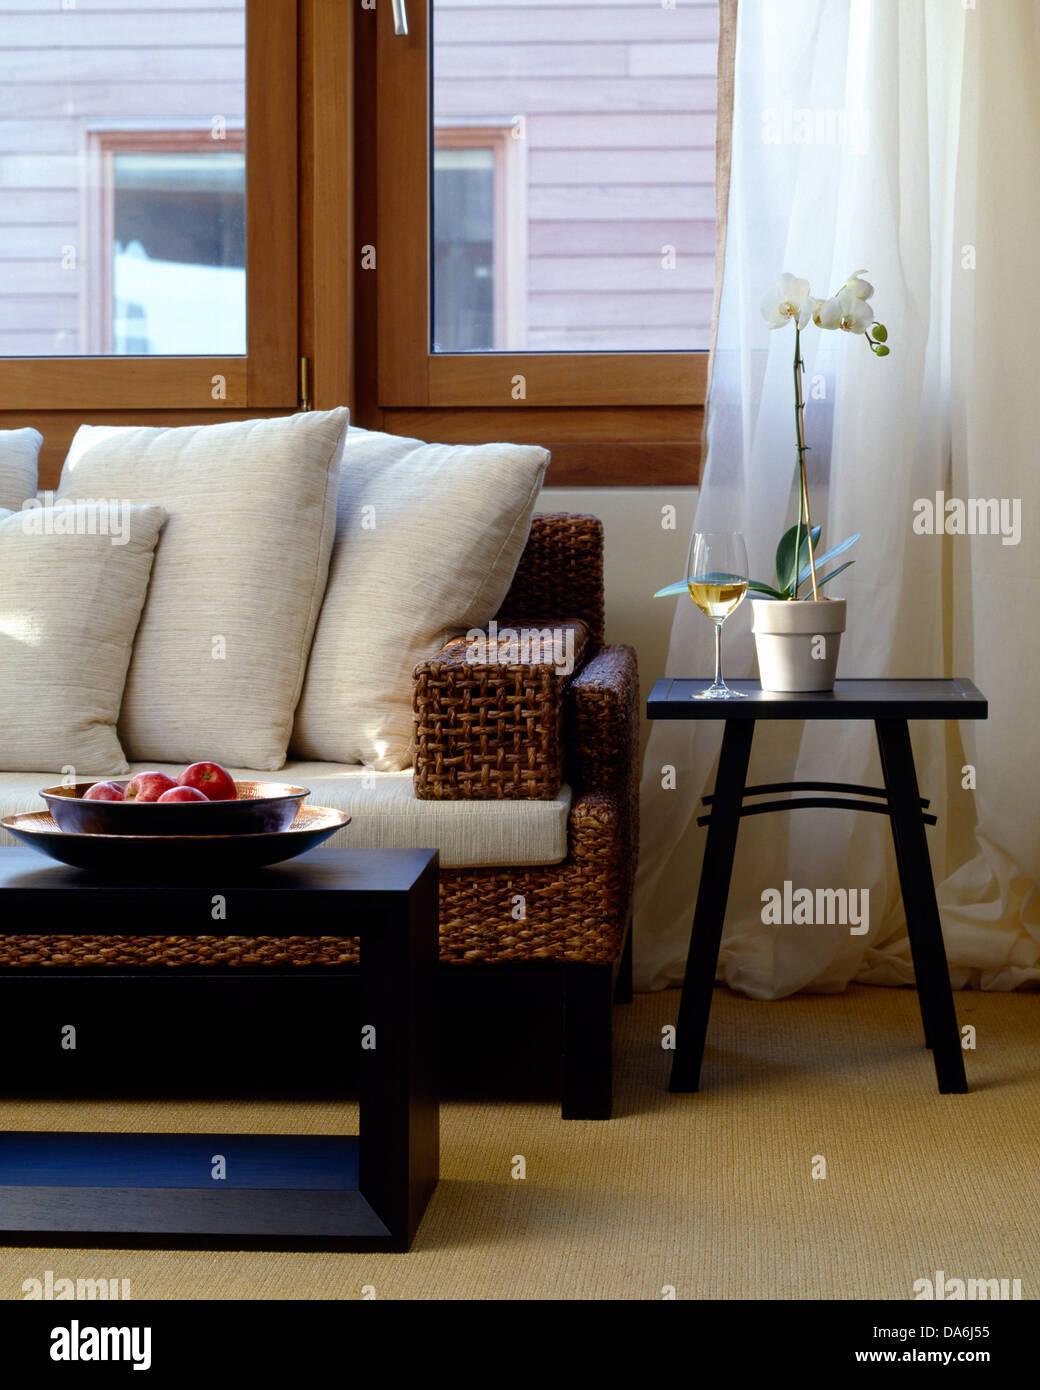 Dunkles Holz Couchtisch Vor Rattan Sofa Mit Weißen Kissen Im Modernen  Wohnzimmer Mit Weißen Voile Vorhänge Am Fenster